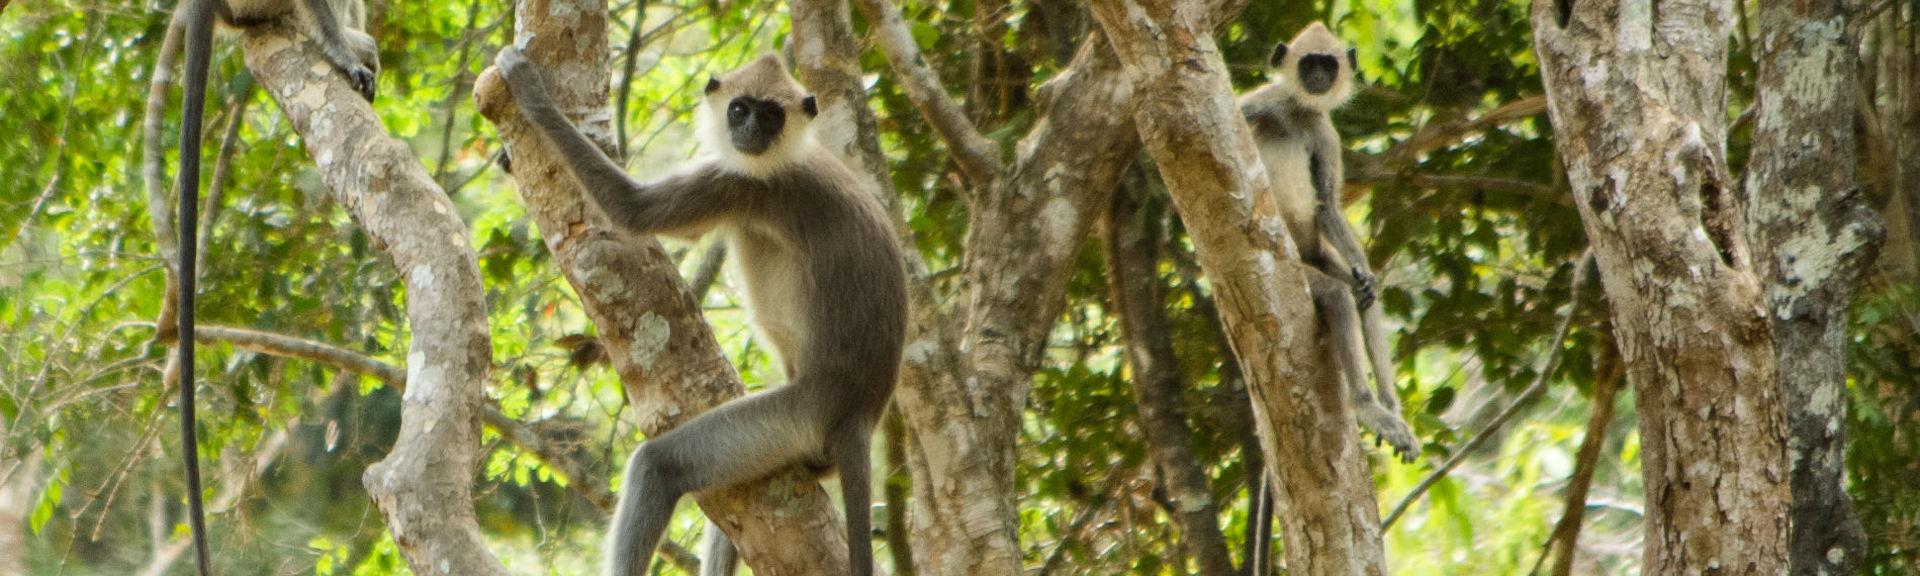 Angammadilla grey monkeys